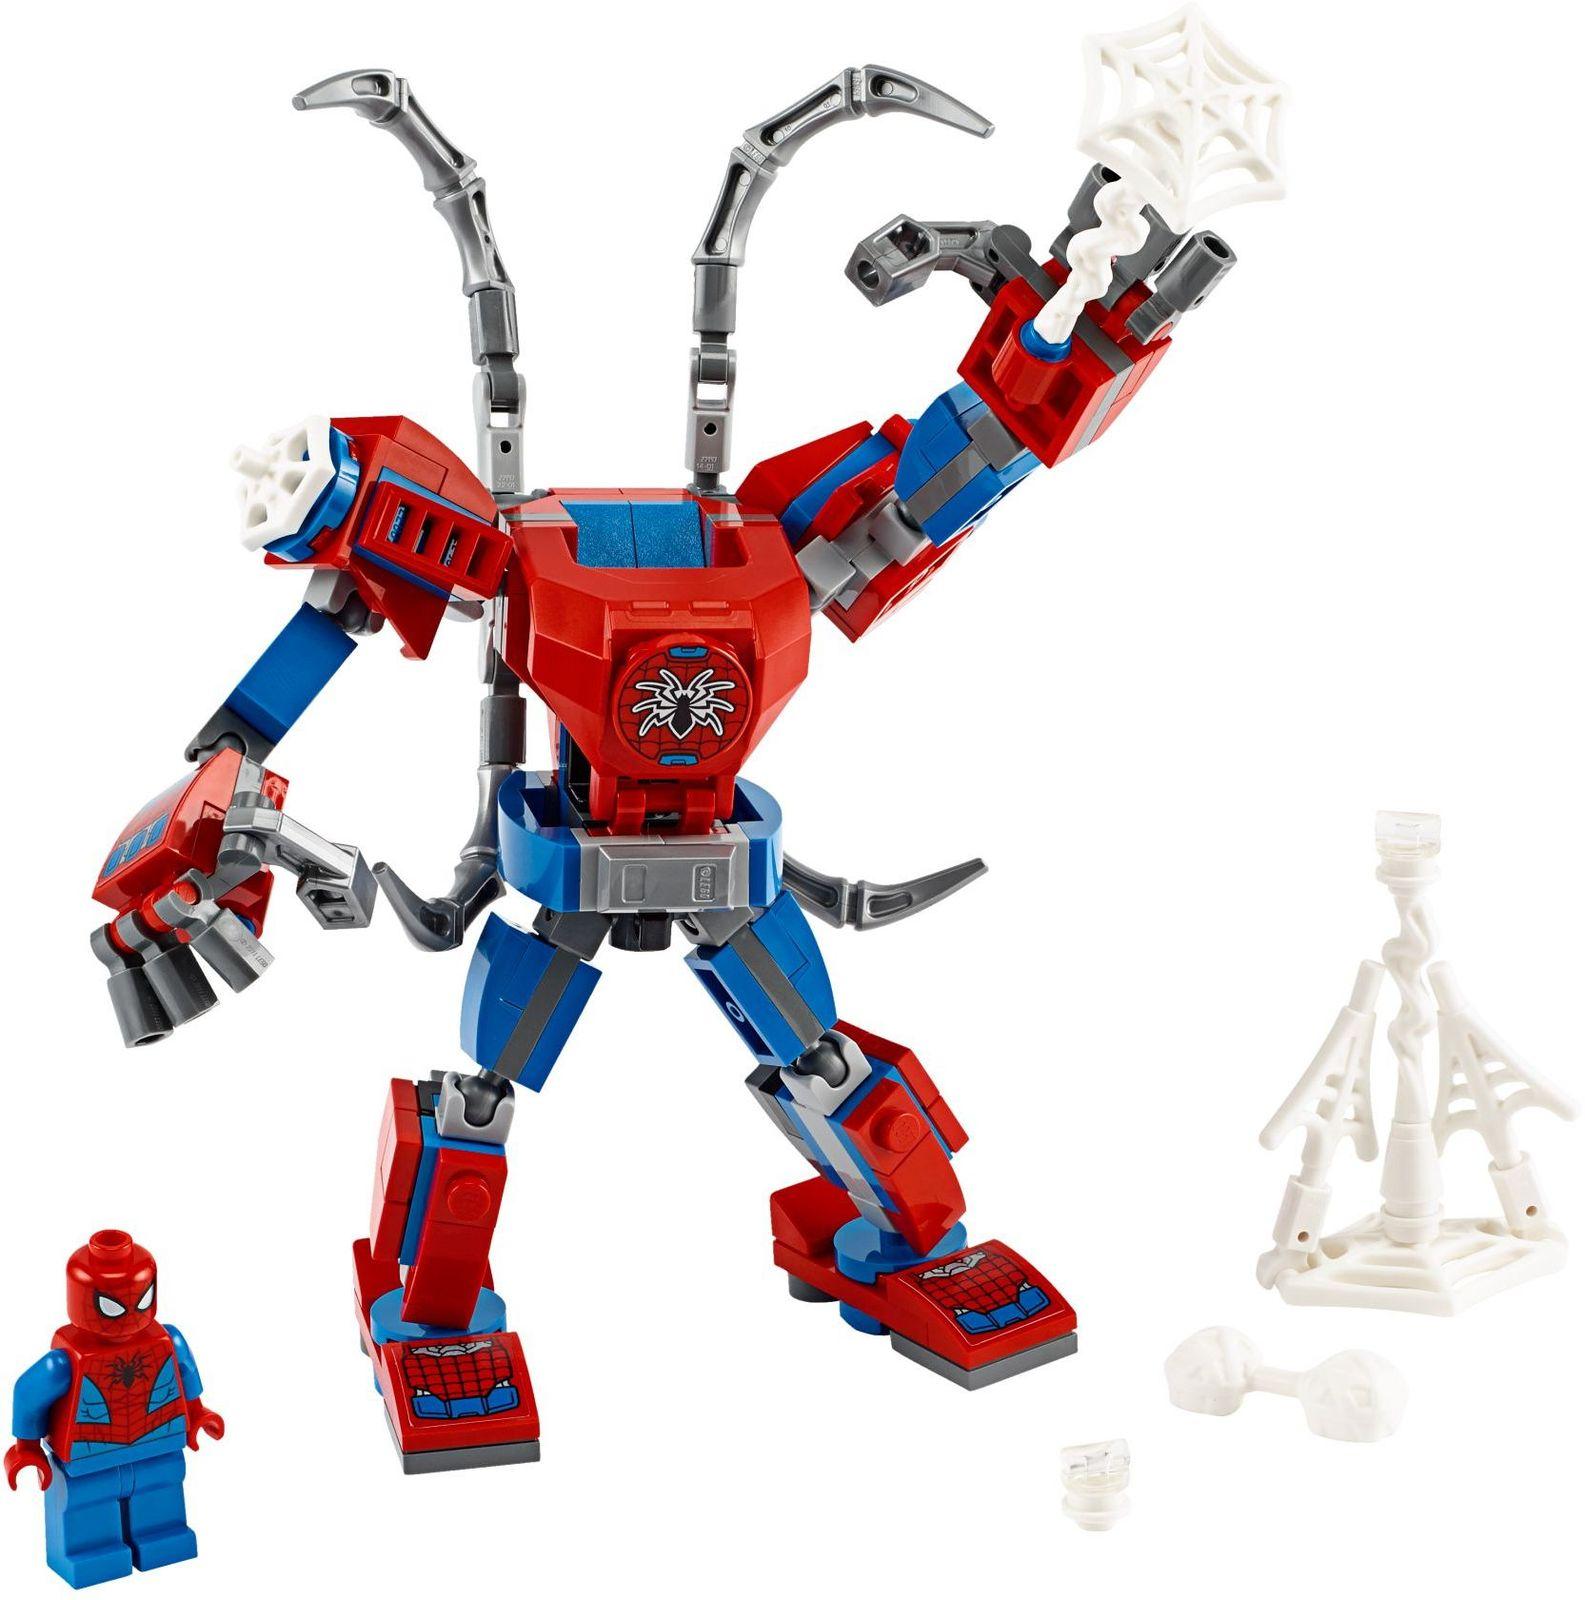 LEGO Marvel: Spider-Man Mech - (76146) image